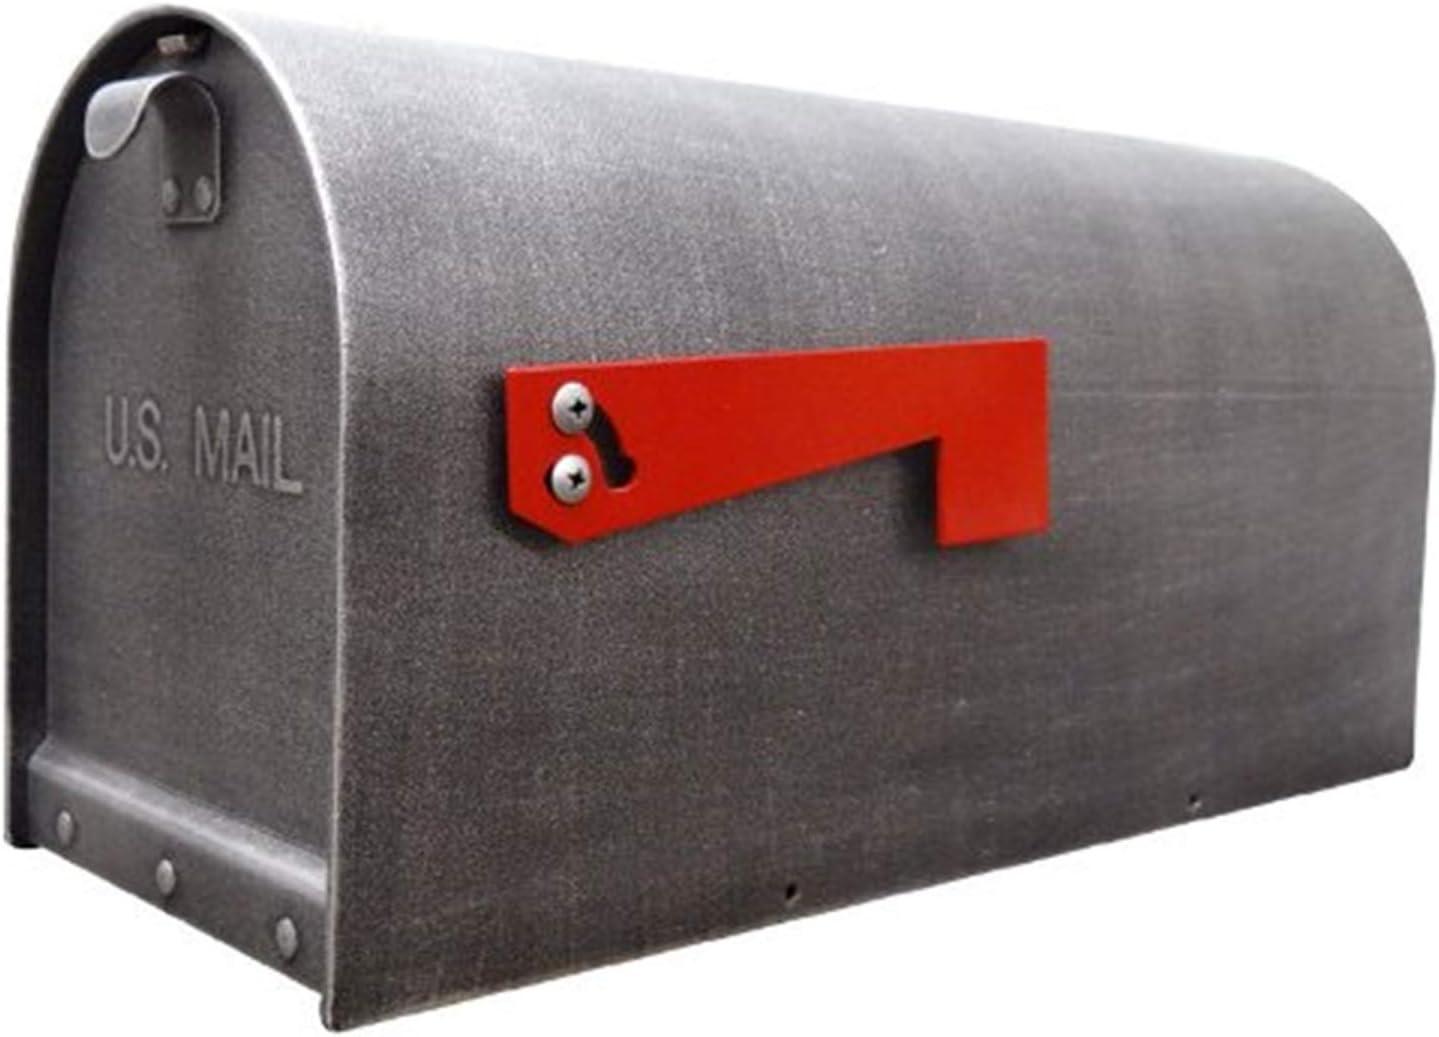 Max 71% OFF Titan Steel Curbside Max 53% OFF Mailbox